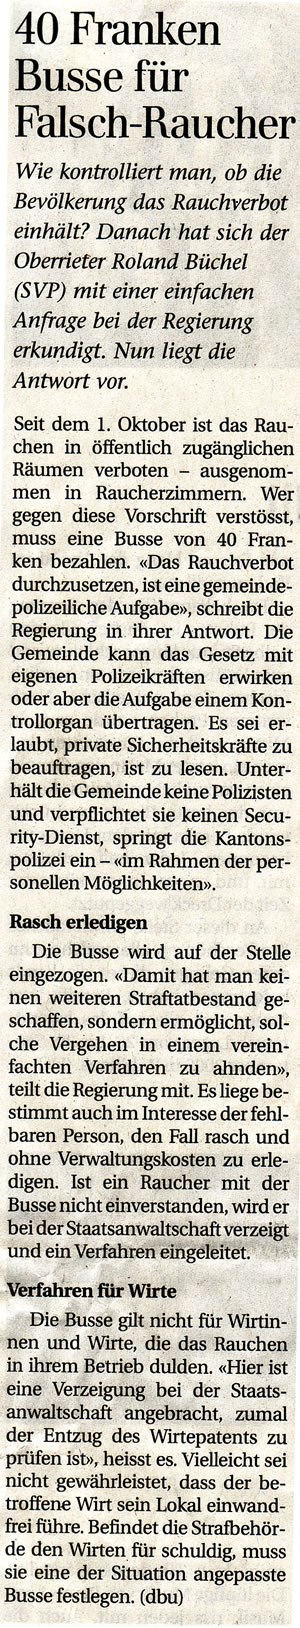 Der Rheintaler: 40 Franken Busse für Falsch-Raucher